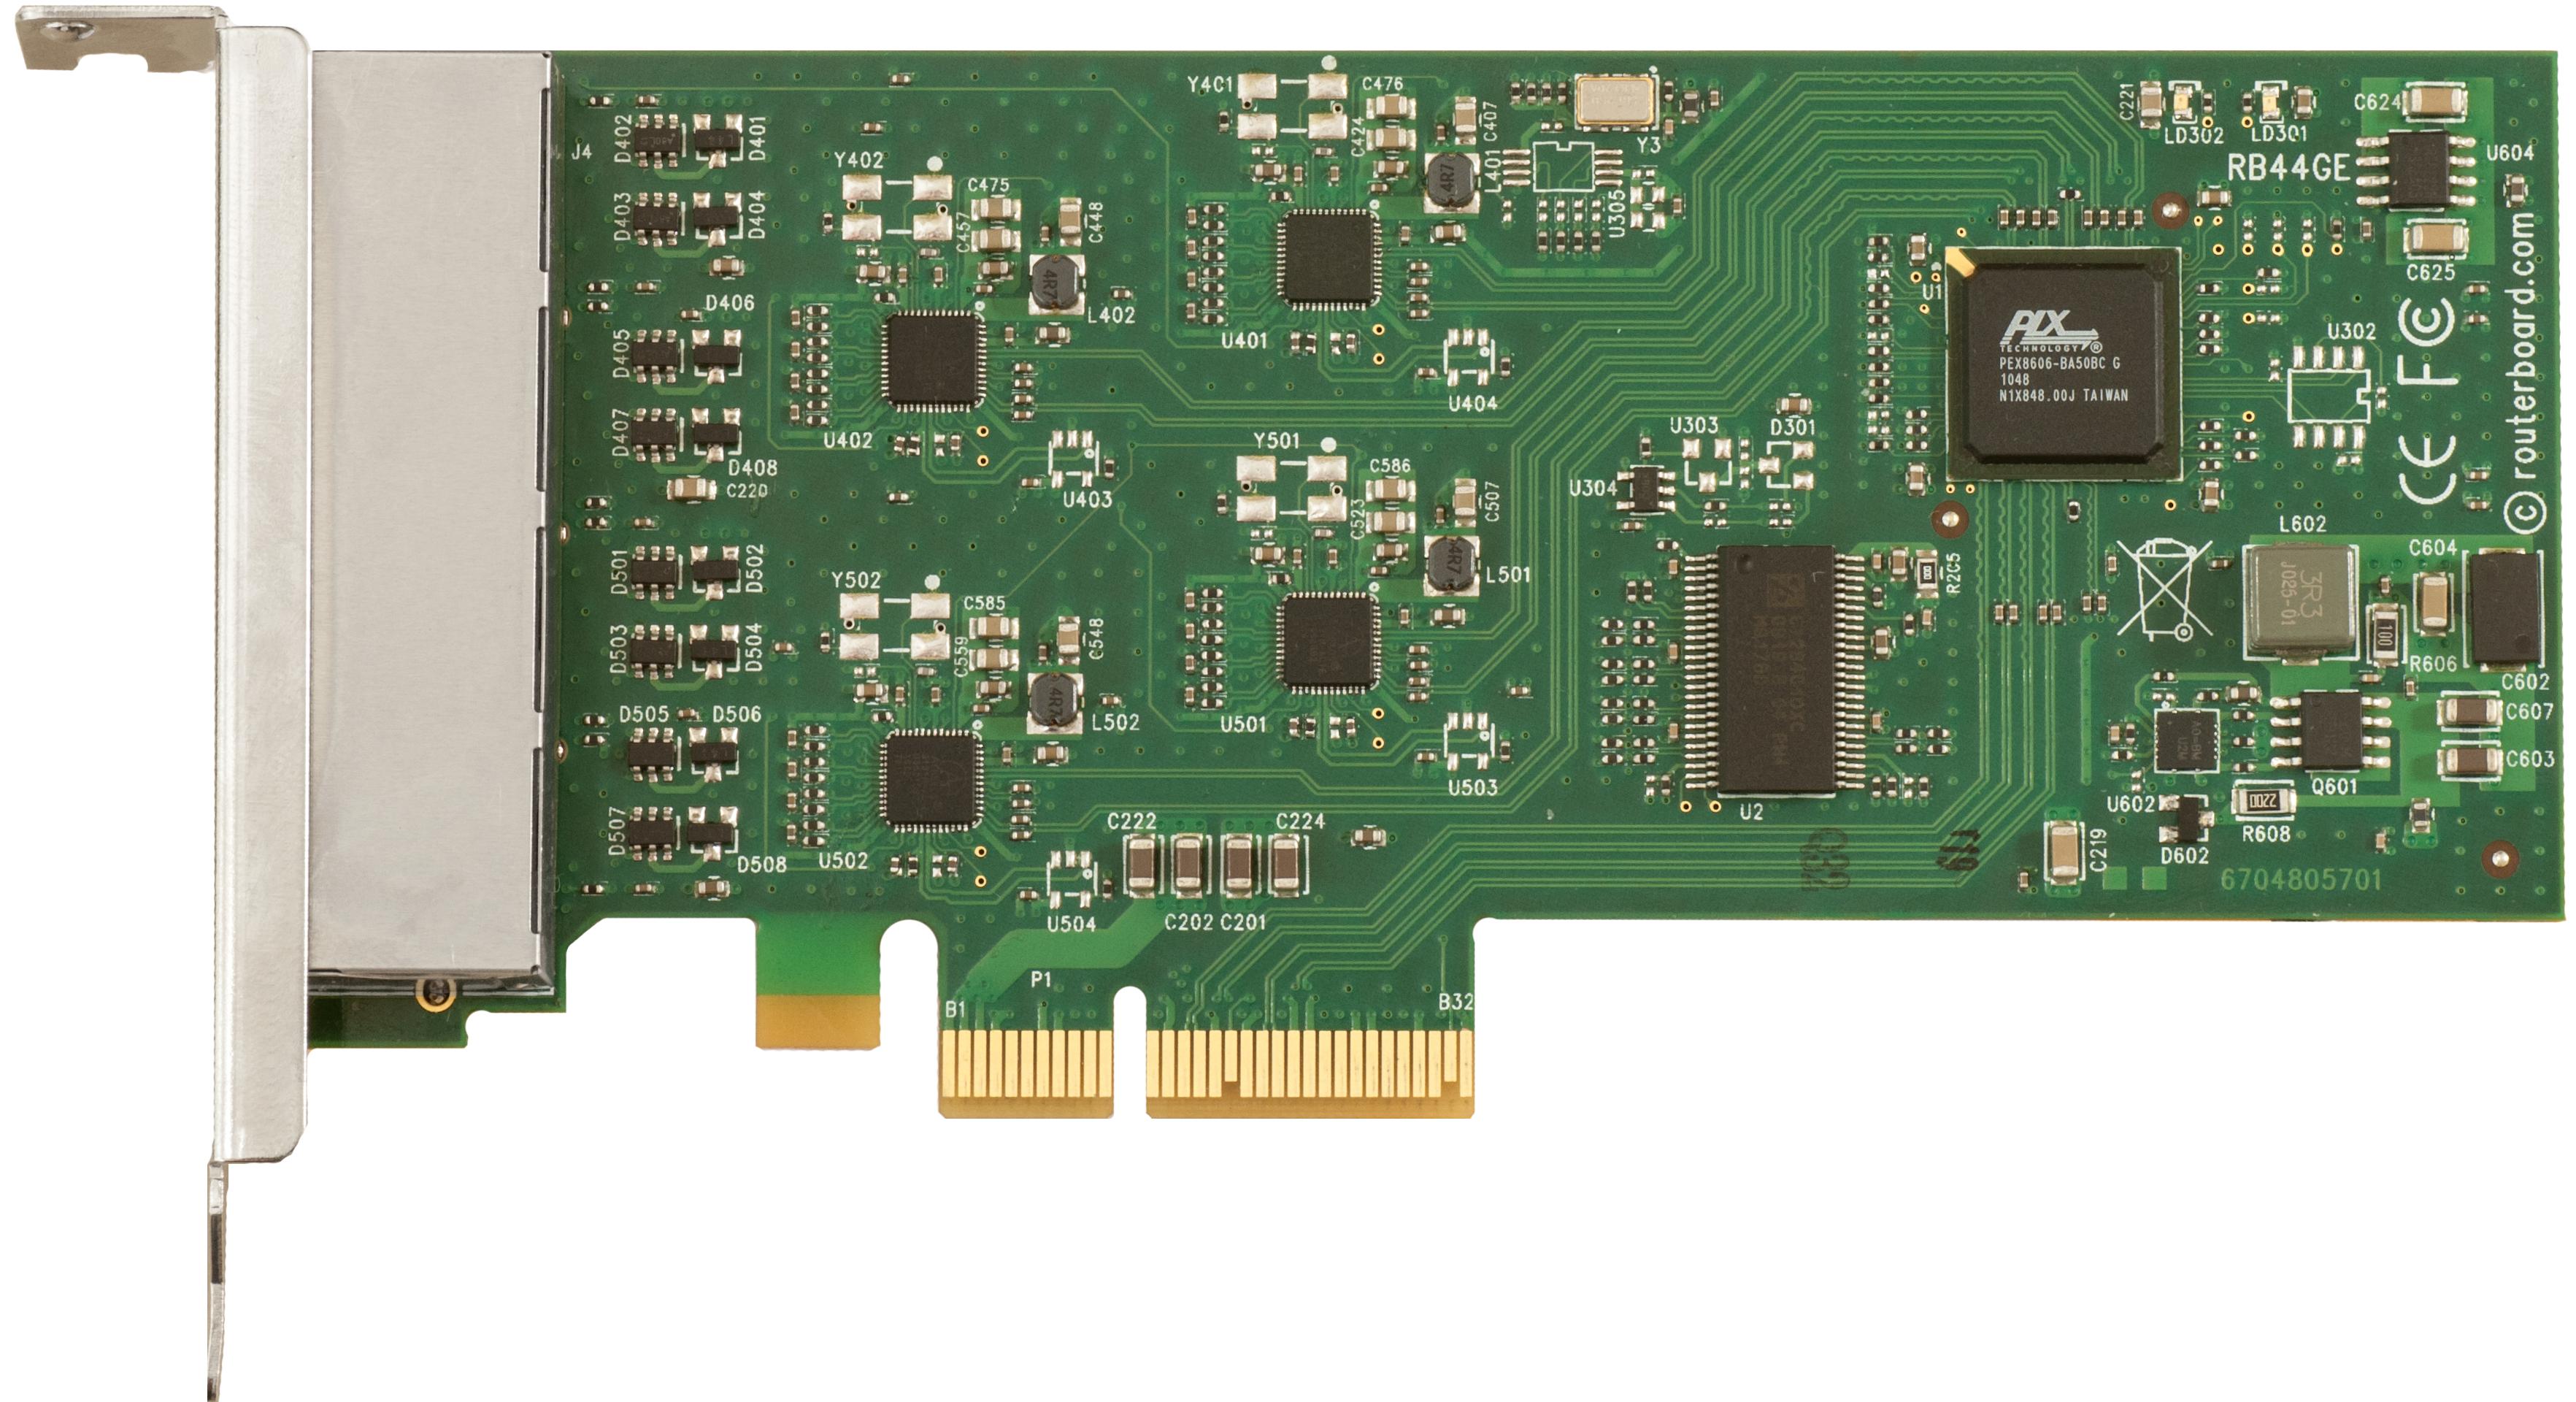 ������� ����� Mikrotik RB44Ge